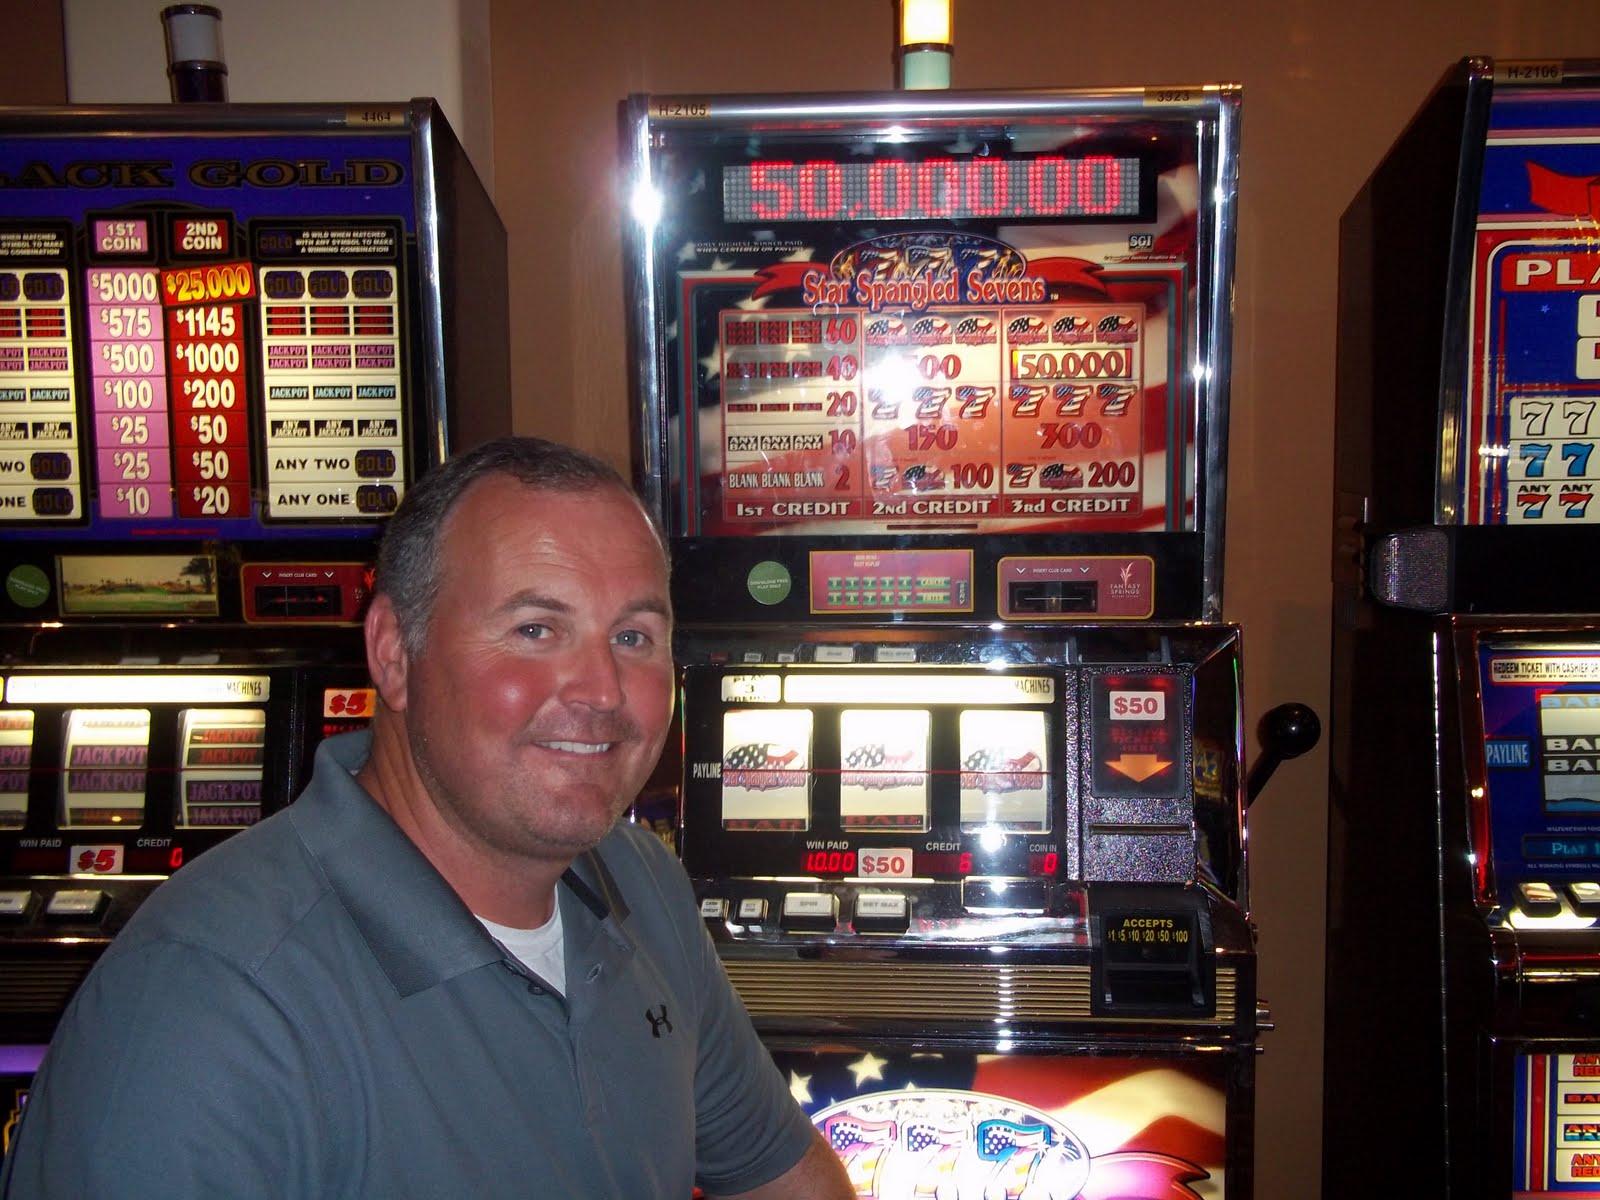 casino slot machine winner